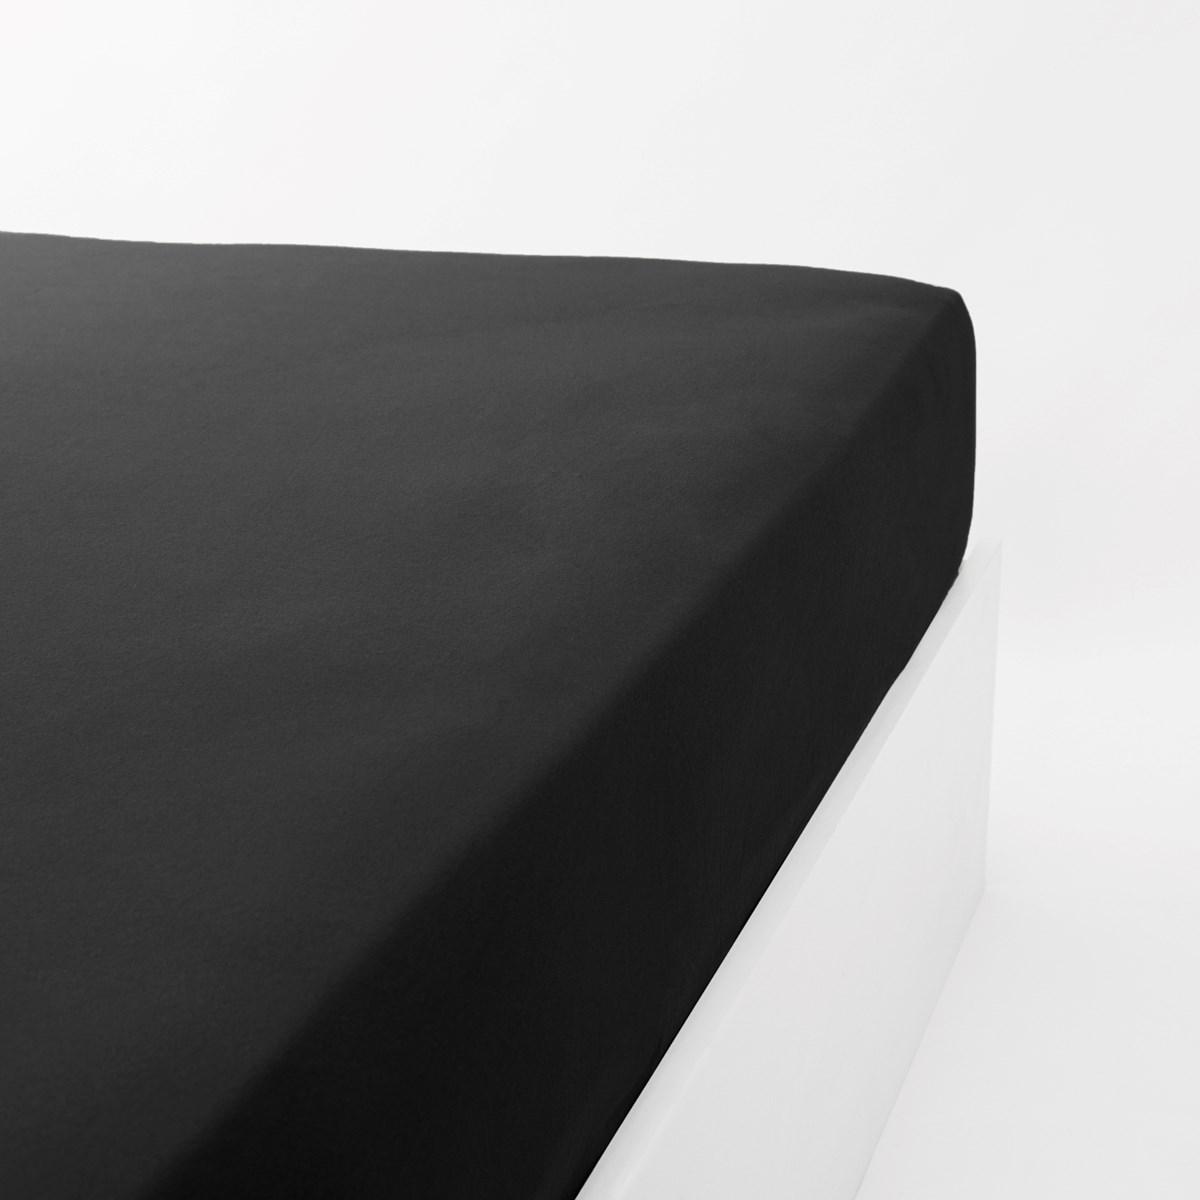 Drap housse jersey extensible en coton noir 120x190 cm